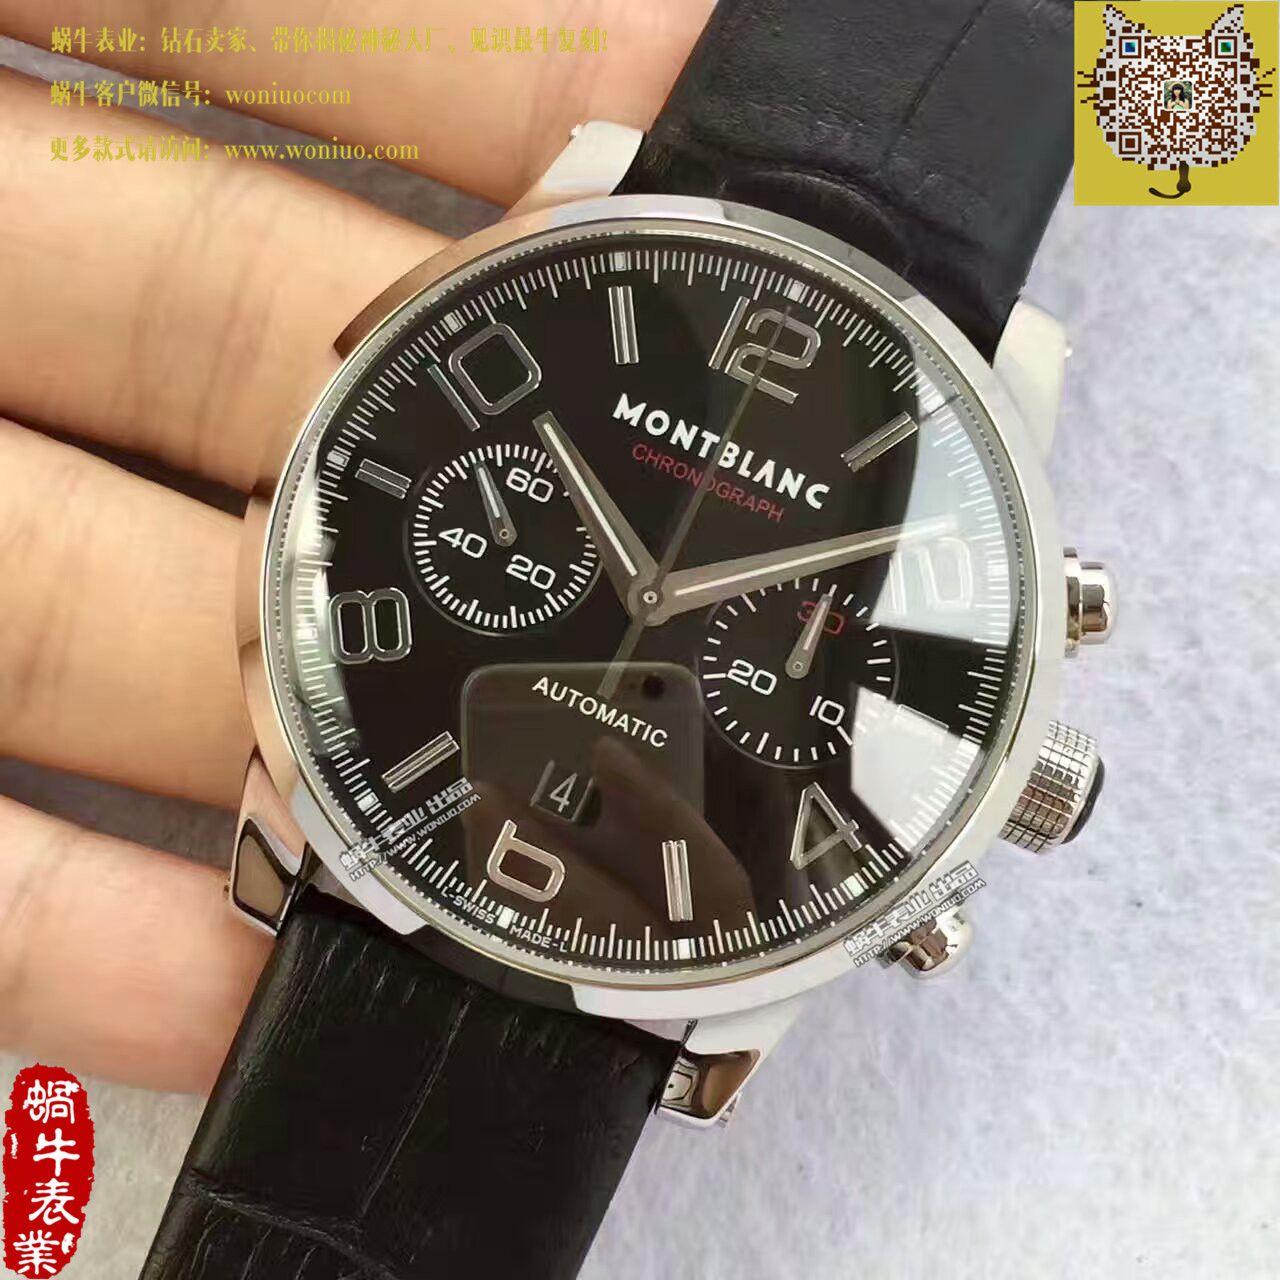 【台湾厂一比一超A高仿手表】万宝龙时光行者系列U036972腕表 / MB011